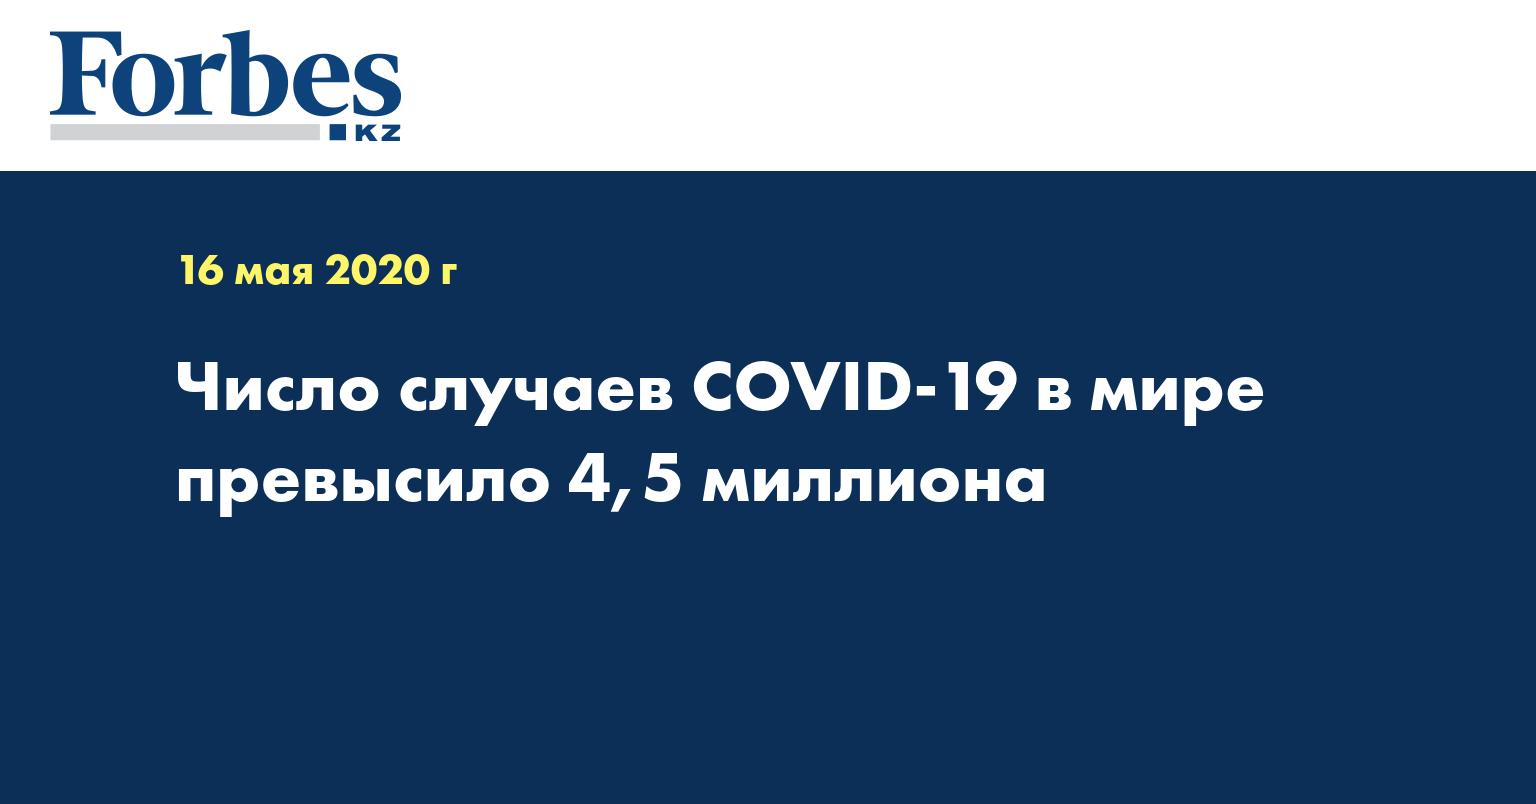 Число случаев COVID-19 в мире превысило 4,5 миллиона